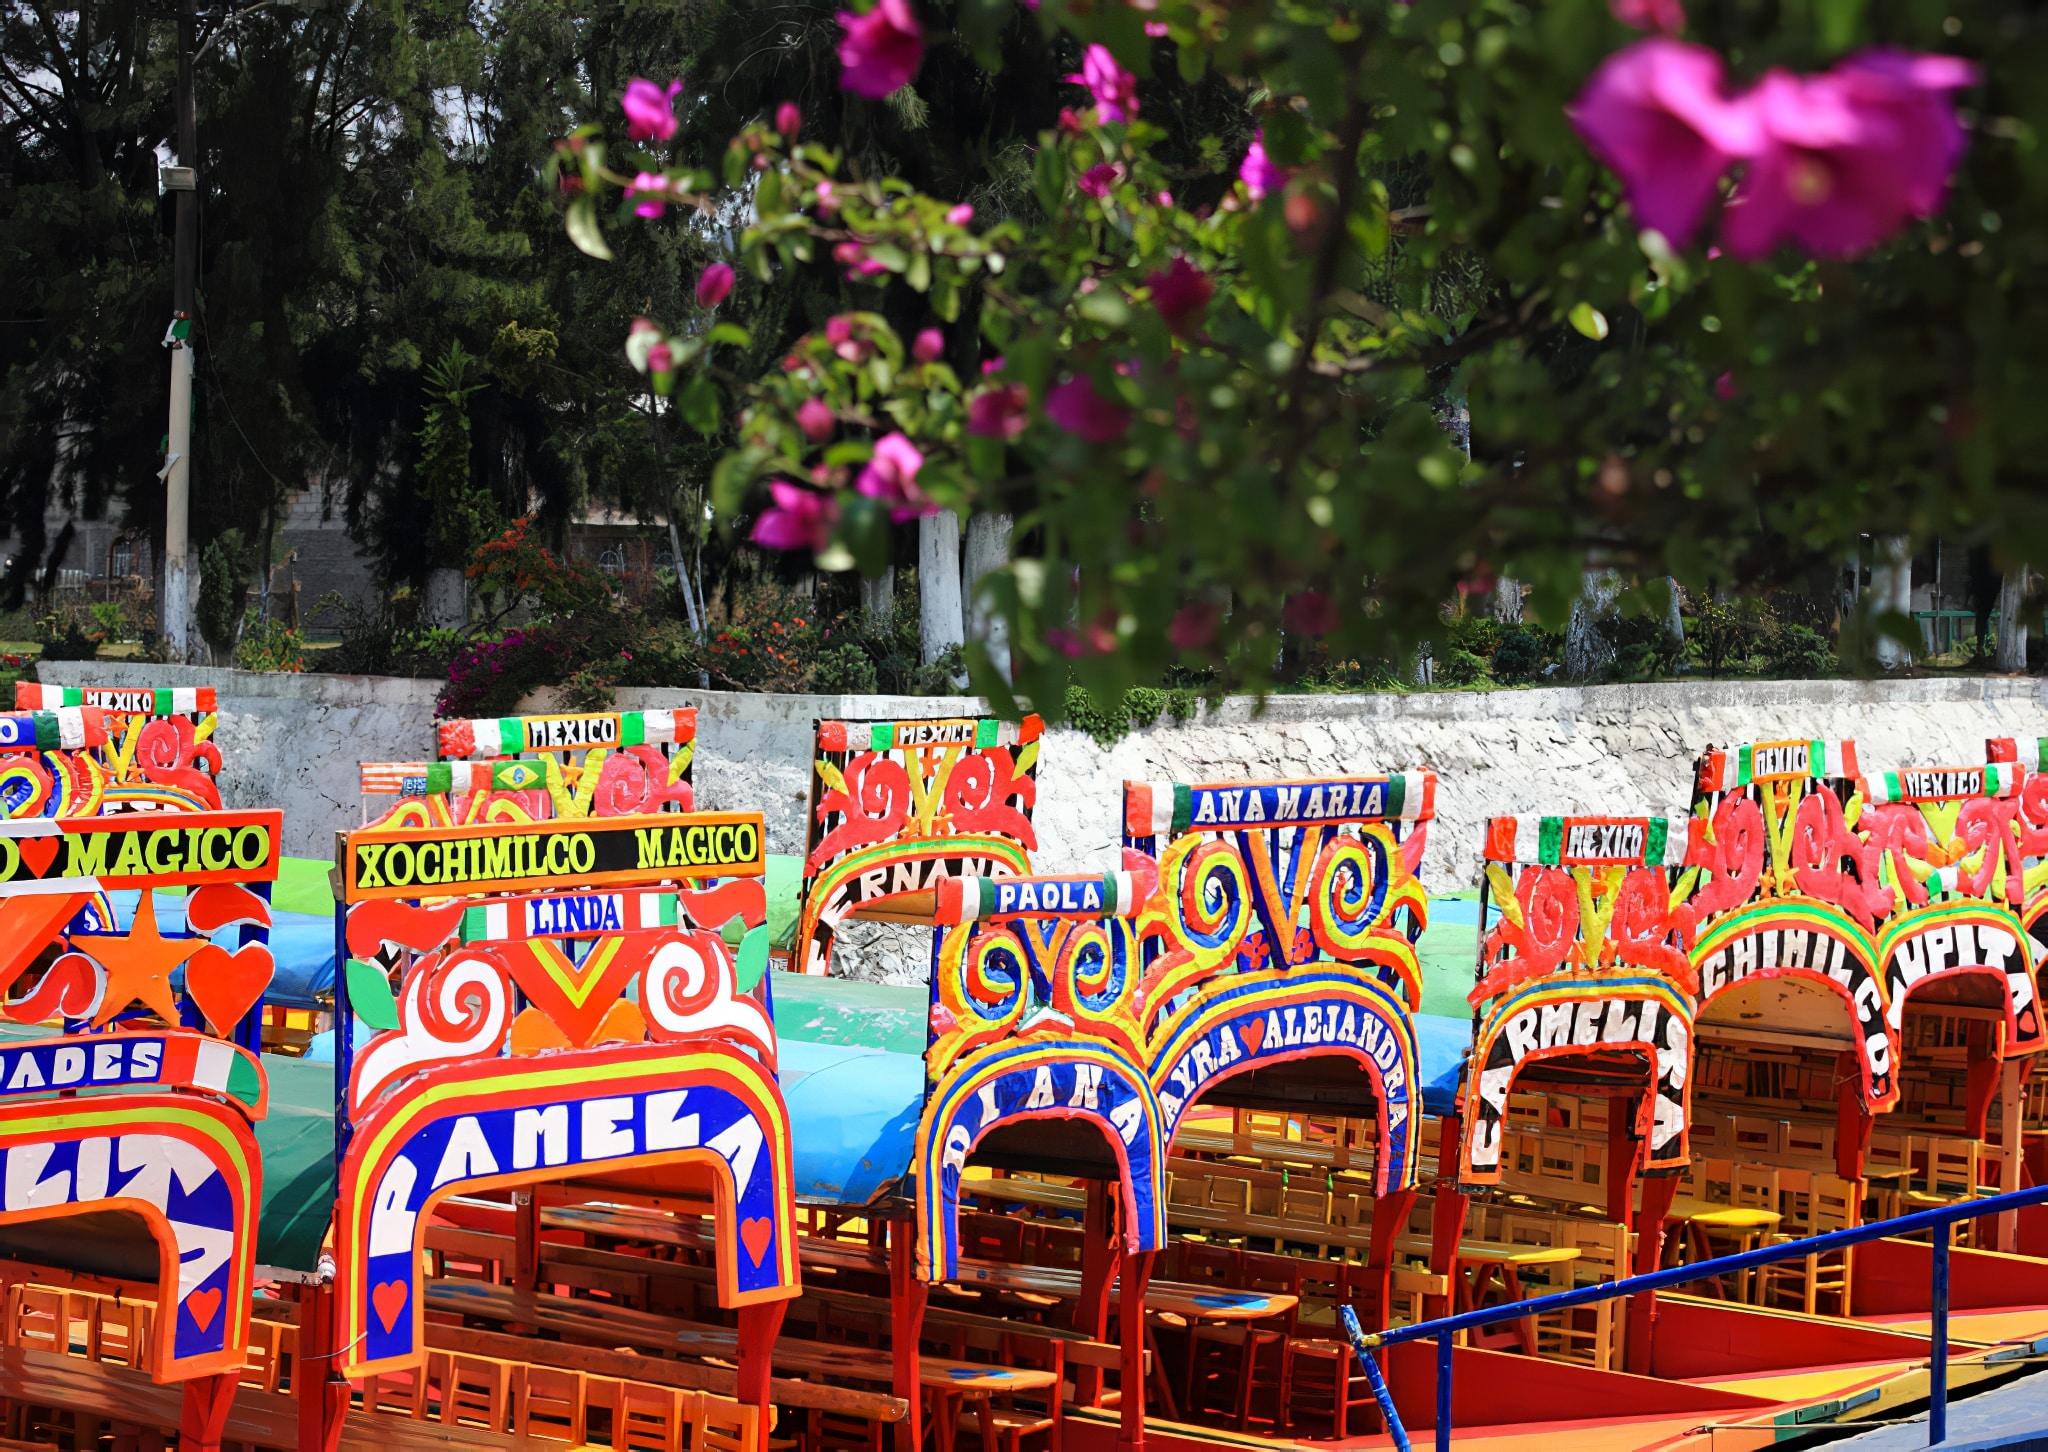 croisi re aux jardins flottants de xochimilco